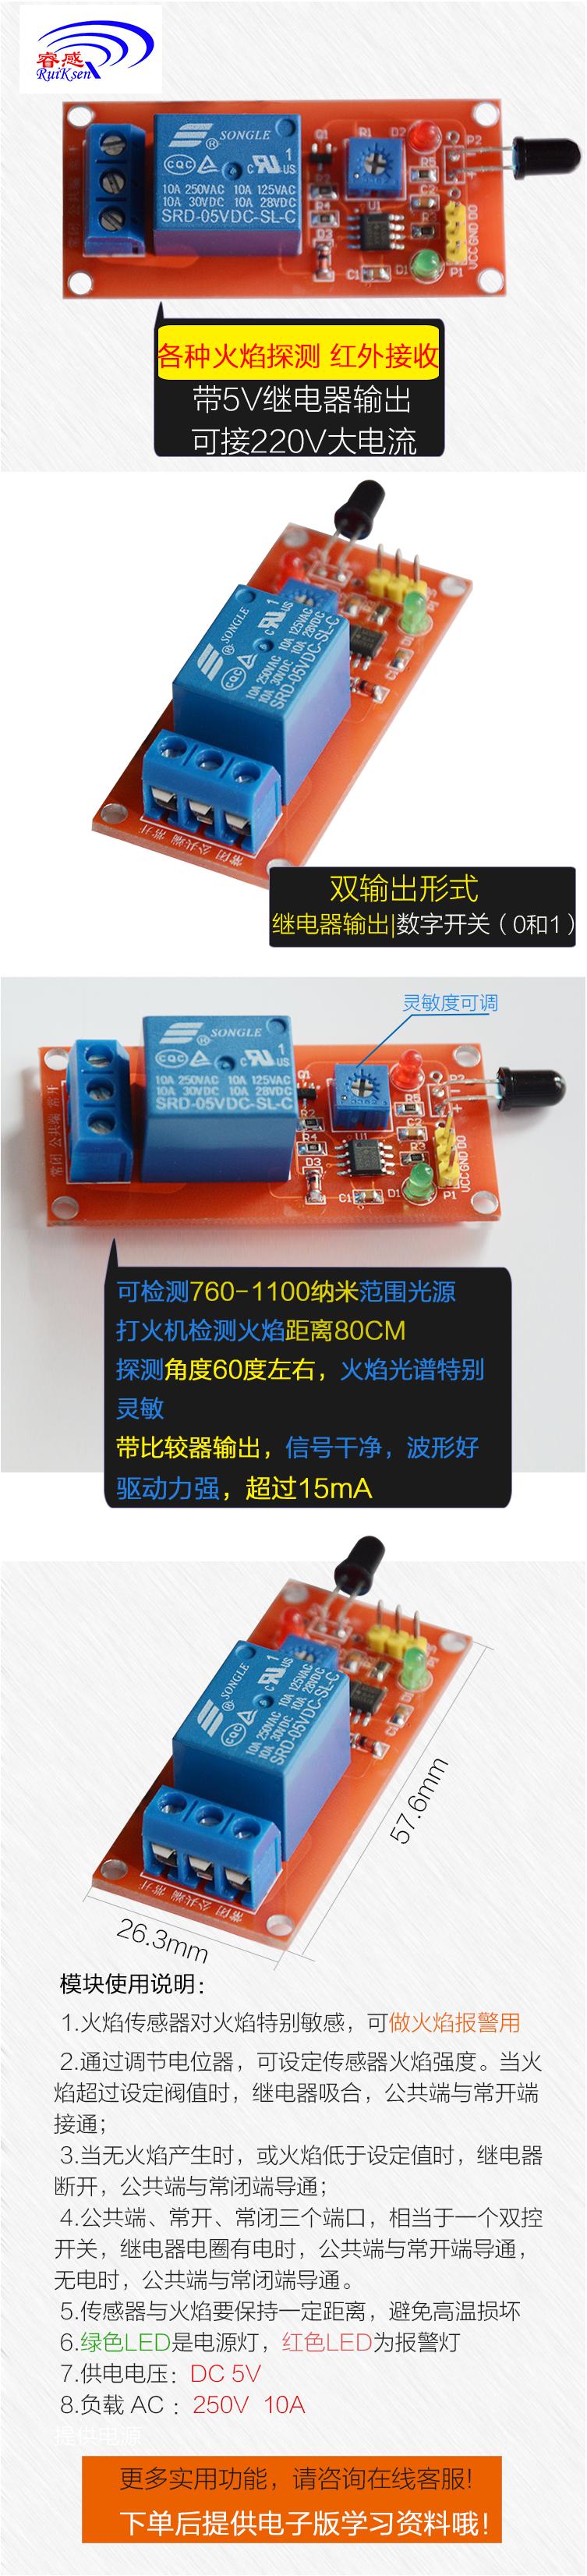 火焰传感器模块火源温度红外检测模块 加5V继电器 火警报警DC 5V-淘宝网.png